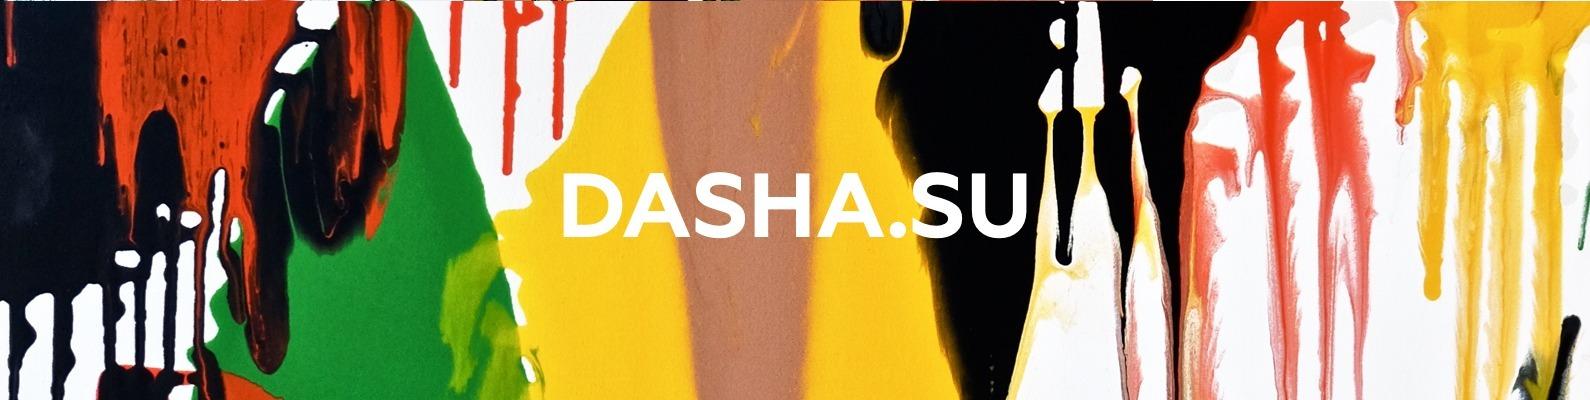 DASHA SU (@dasha_su) Cover Image